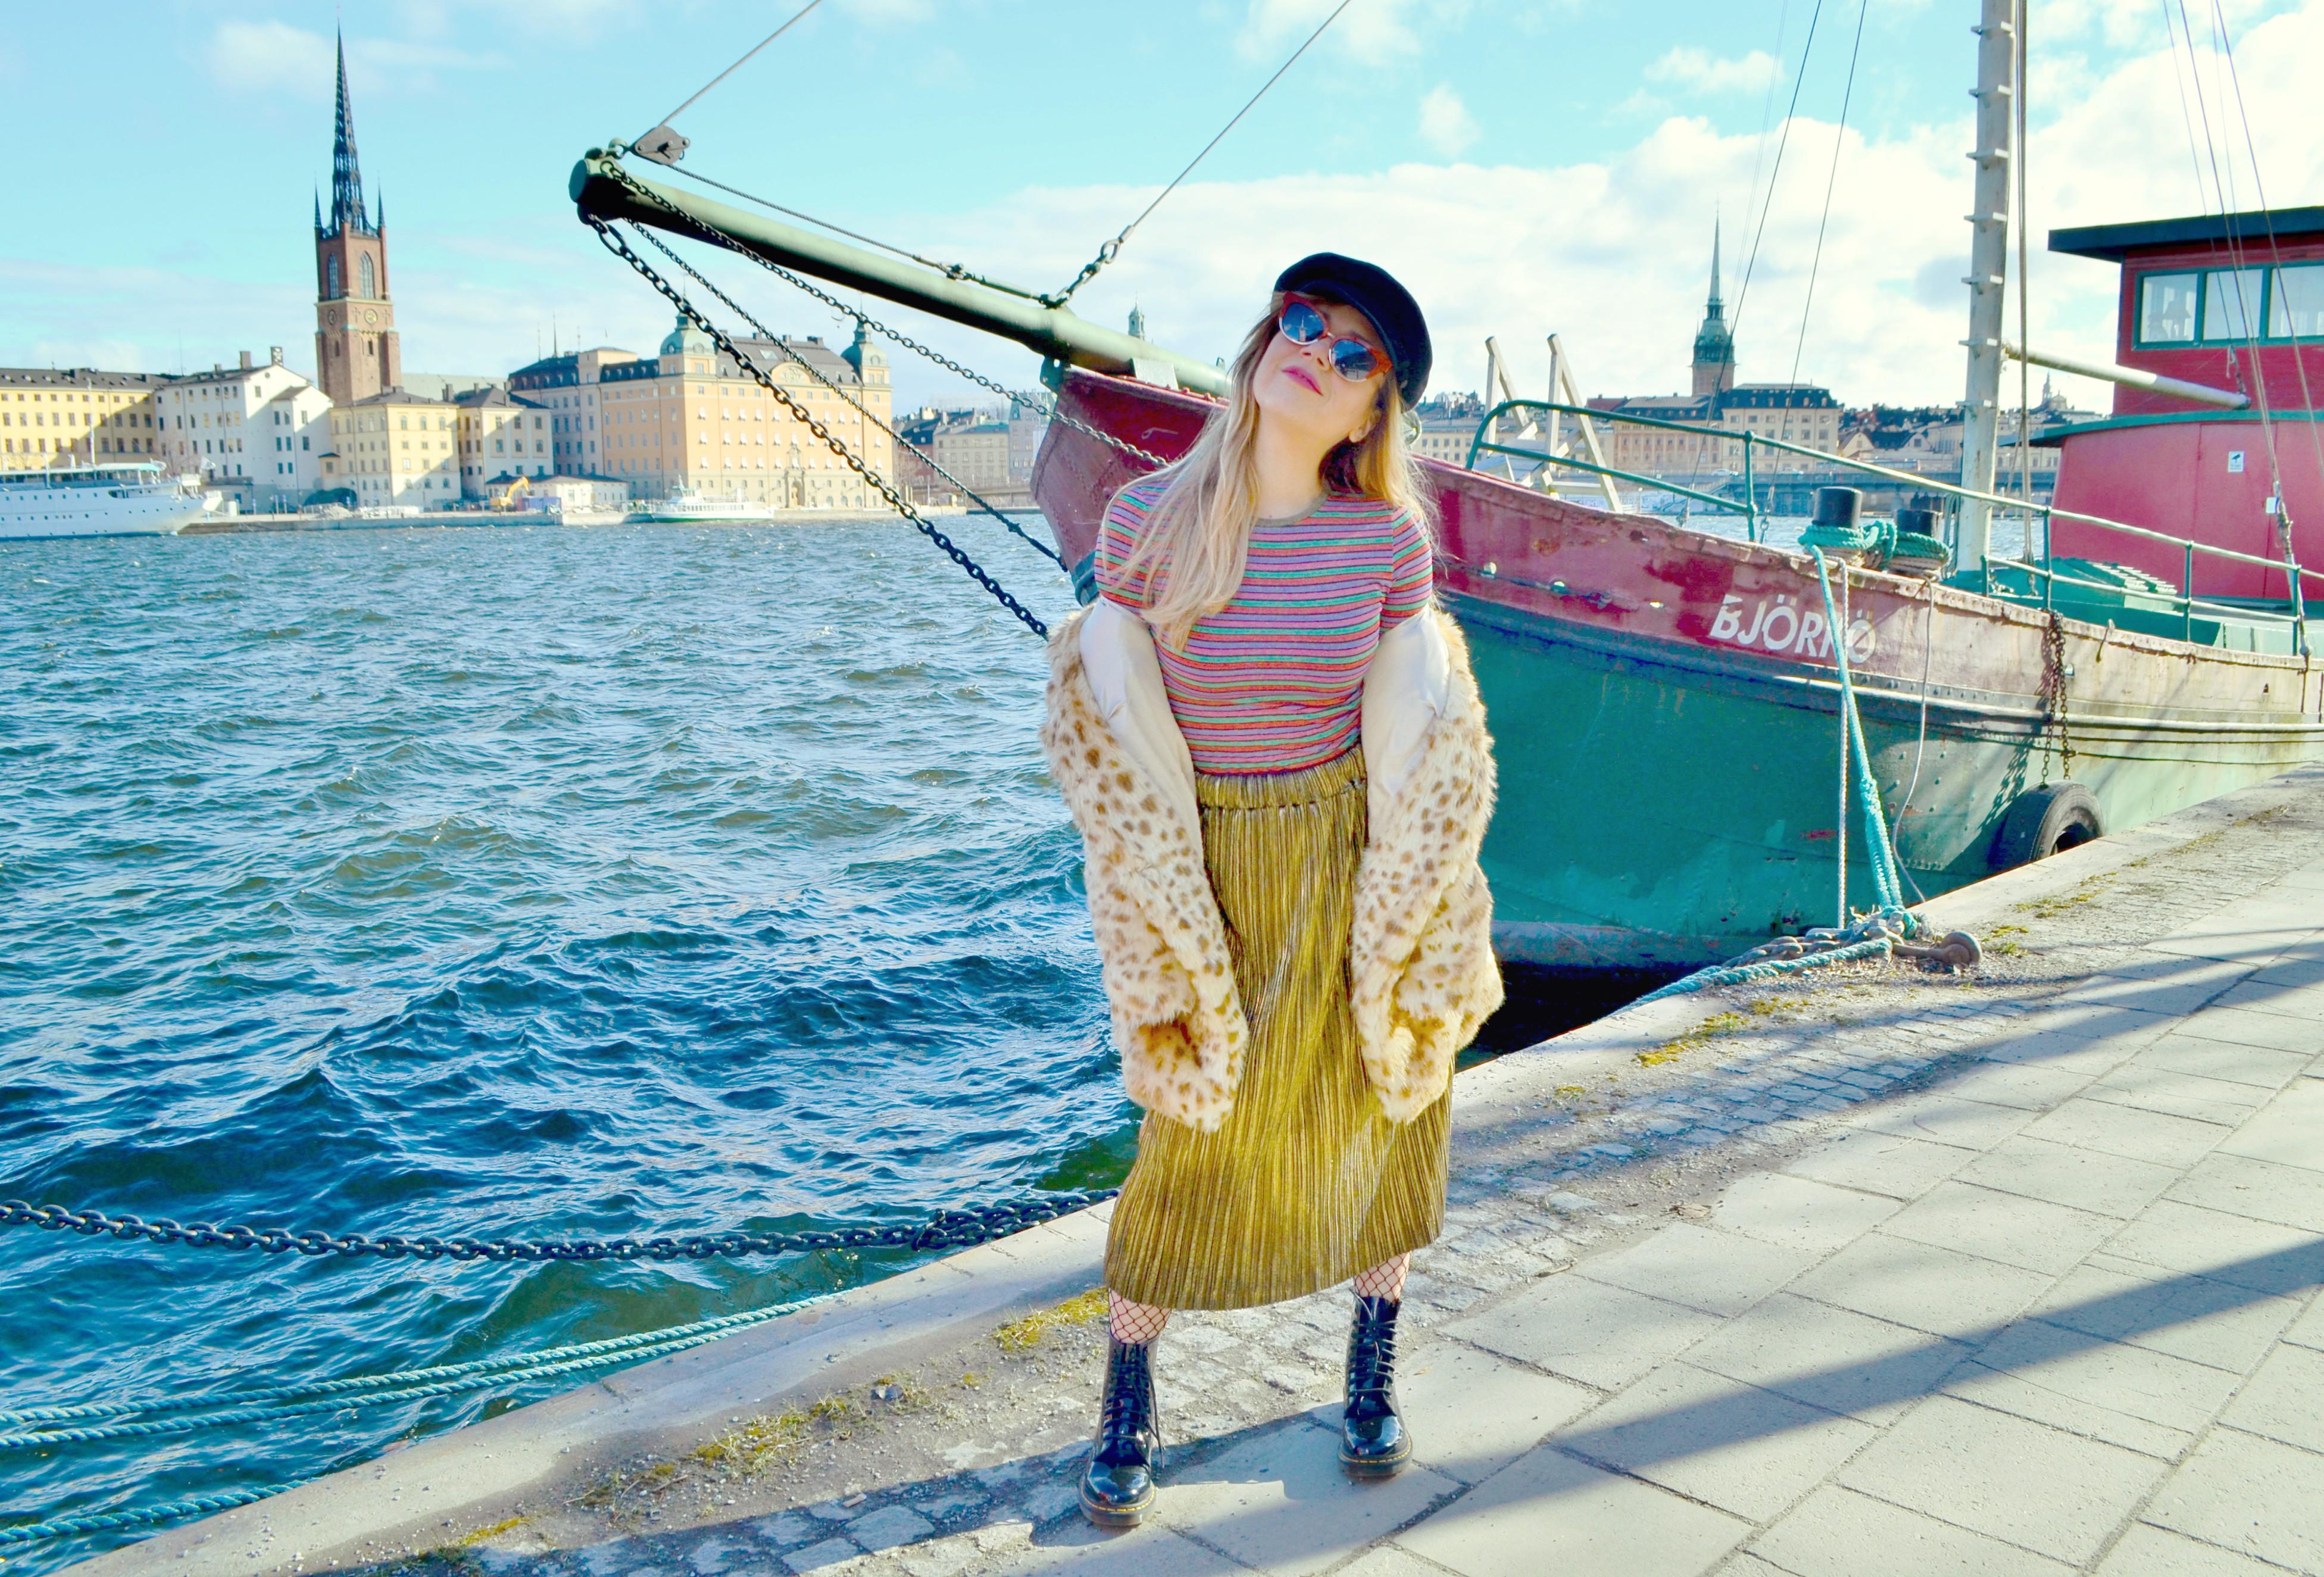 Look-de-invierno-gafas-zara-DrMartens-style-chicadicta-fashionista-blog-de-moda-influencer-PiensaenChic-Piensa-en-Chic